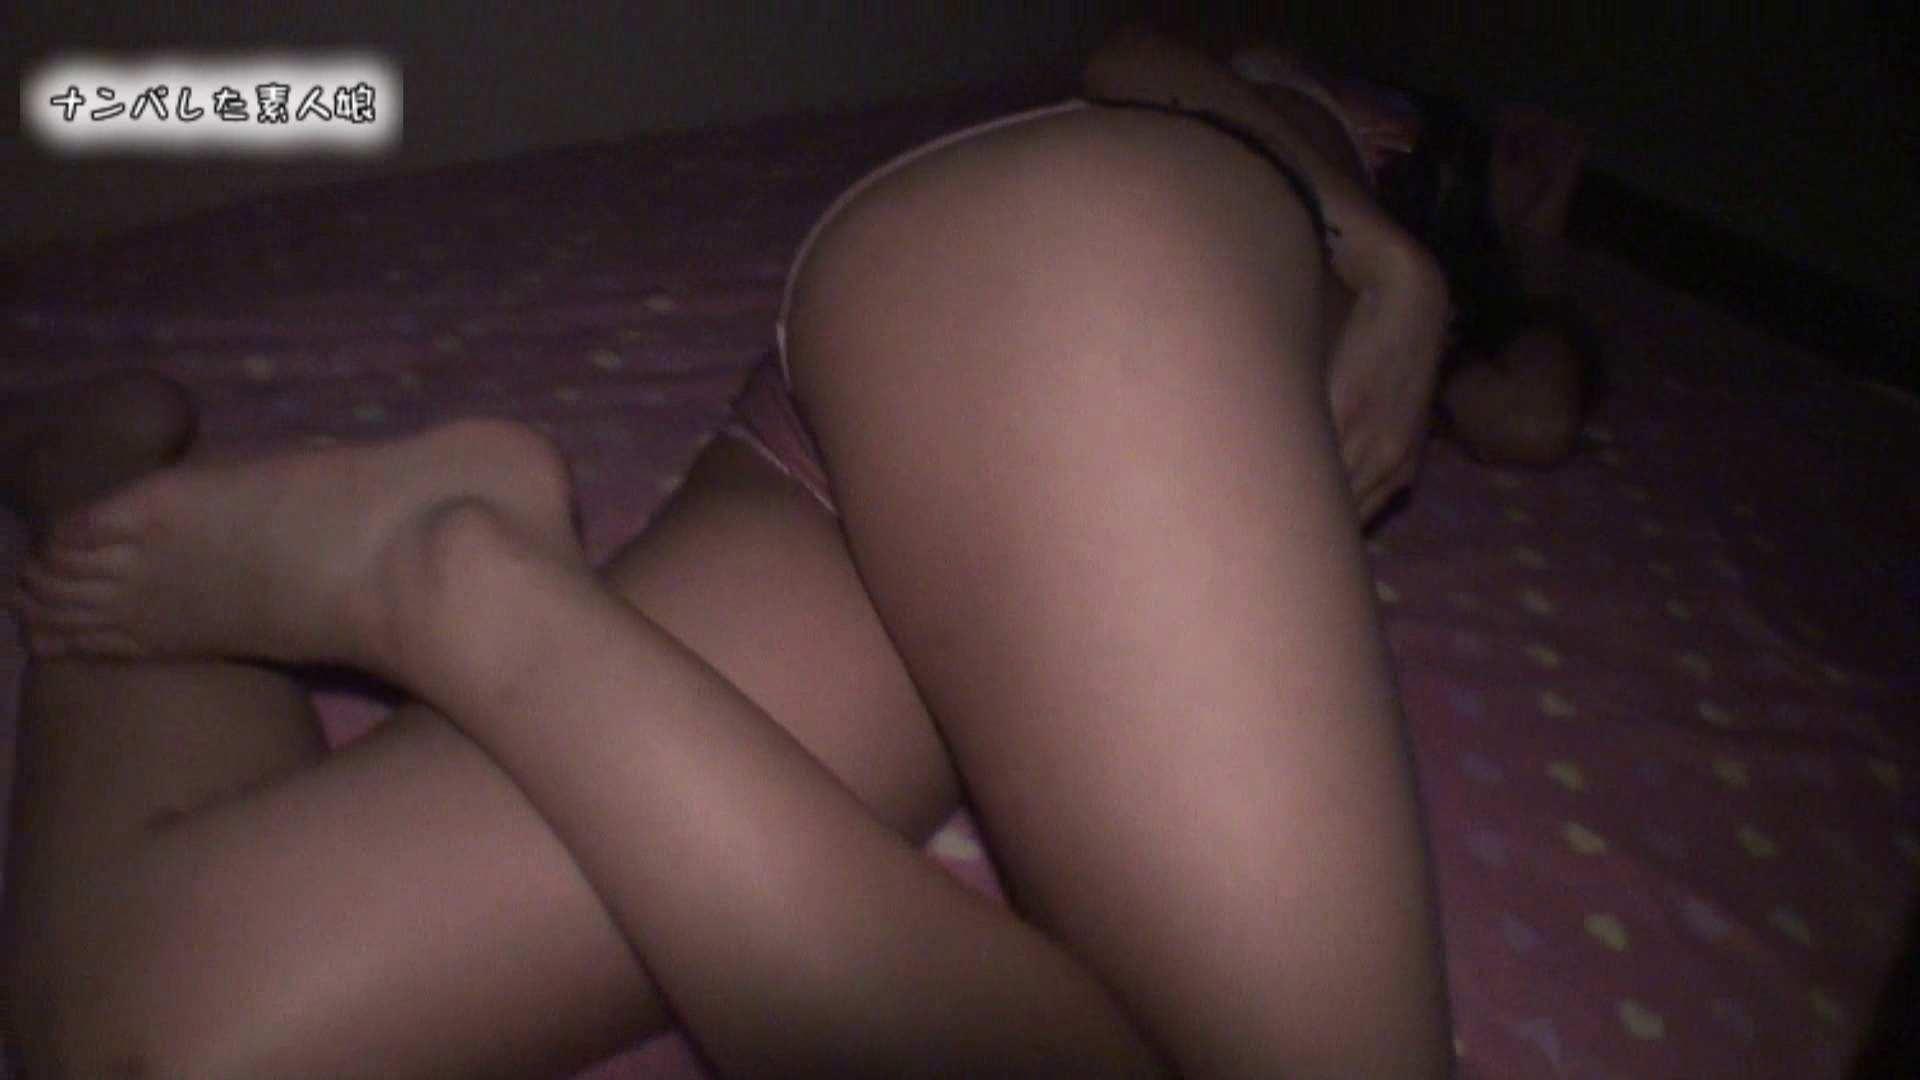 No.4のん19歳 のんちゃん以外と美巨乳でヘソピ付きです ナンパ | メーカー直接買い取り  100pic 9